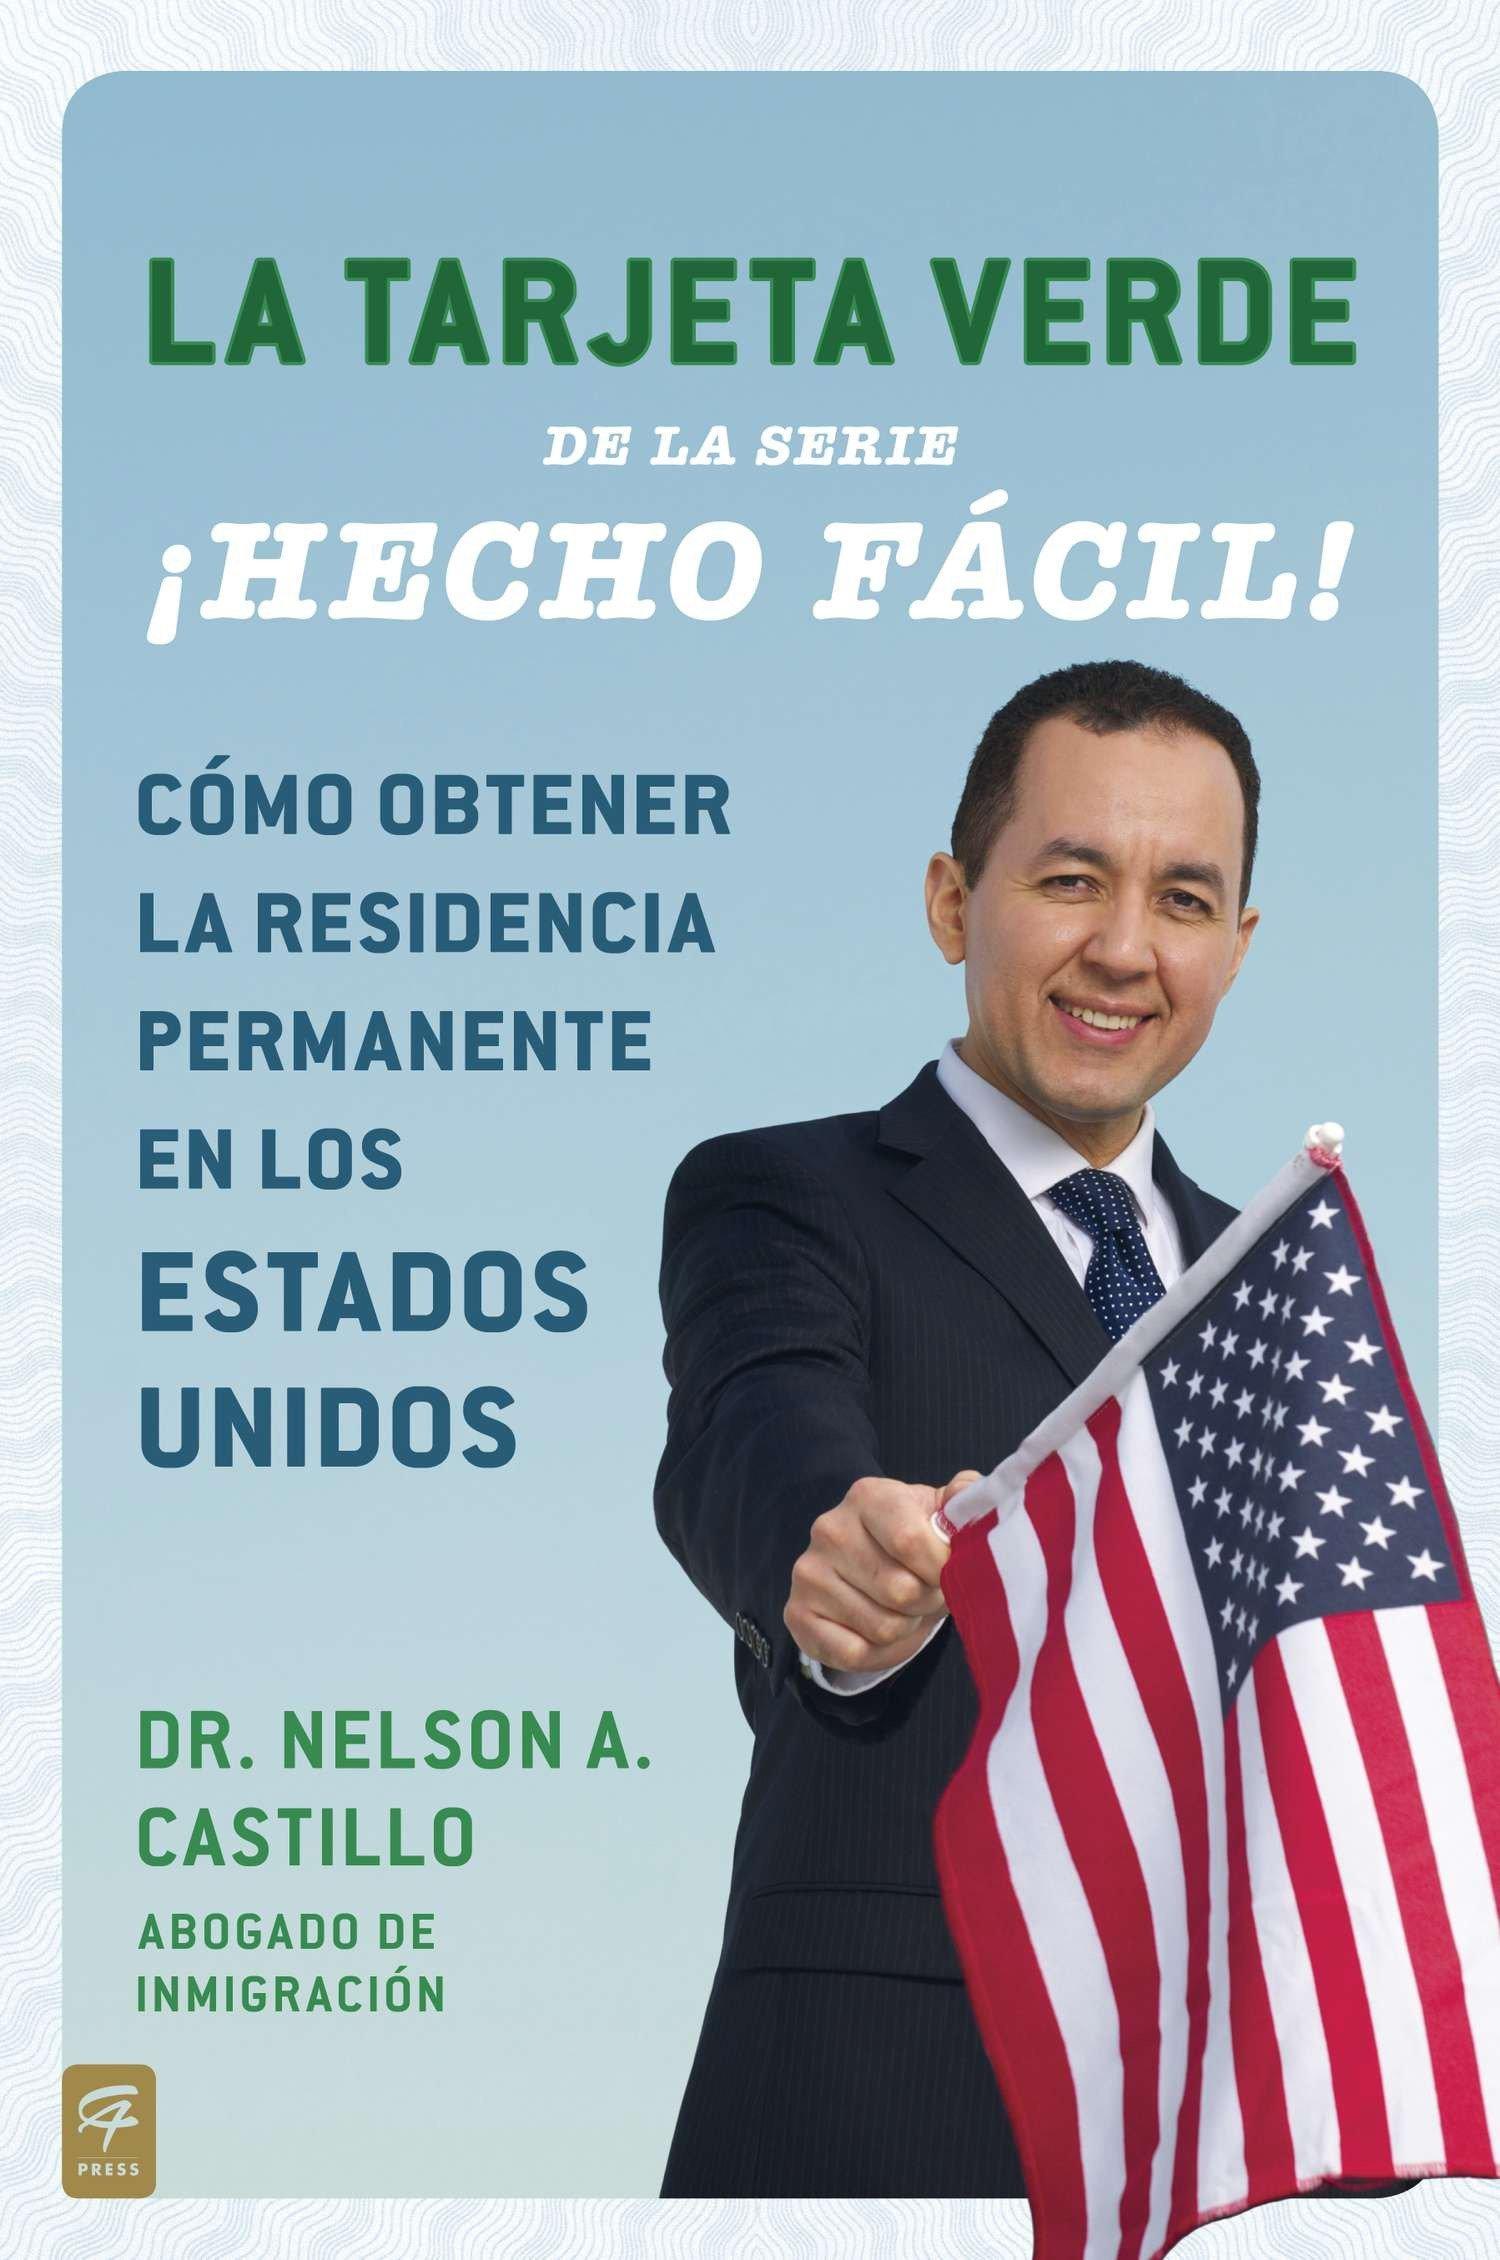 La Tarjeta Verde ¡Hecho fácil!: Cómo obtener la residencia permanente en los Estados Unidos (Hecho facil) (Spanish Edition) (Spanish) Paperback – May 15, 2013 Nelson A. Castillo C.A. Press 0142425664 Civics & Citizenship